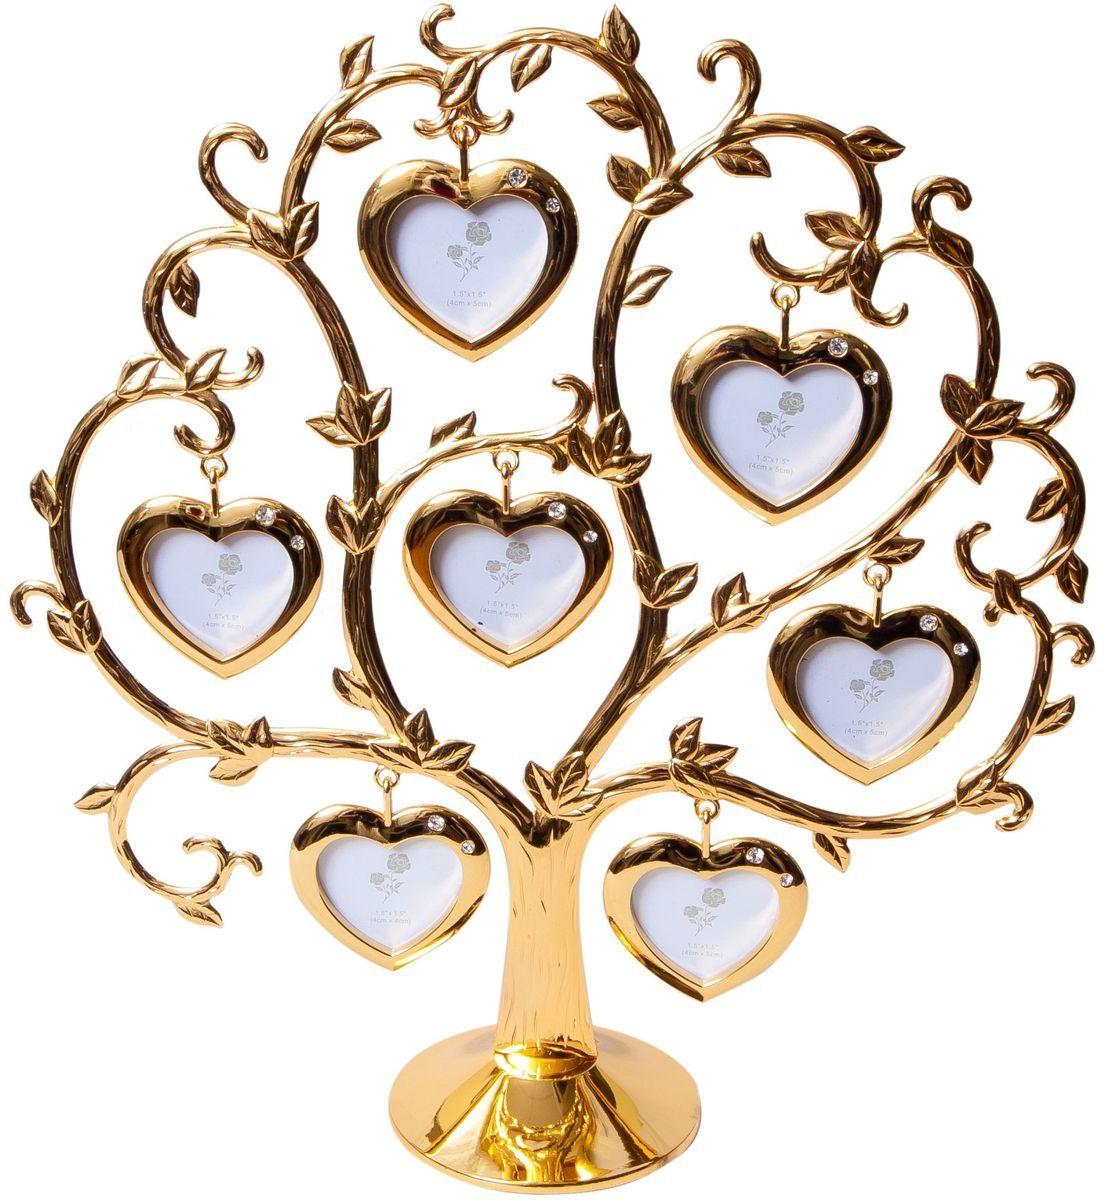 Фоторамка Platinum Дерево. Сердца, цвет: золотистый, на 7 фото, 4 x 4 см. PF9460CSGPLATINUM BIN-112183 Шампань (Champagne)Декоративная фоторамка Platinum Дерево. Сердца выполнена из металла. На подставку в виде деревца подвешиваются семь рамочек в форме сердец, украшенных стразами. Изысканная и эффектная, эта потрясающая рамочка покорит своей красотой и изумительным качеством исполнения. Фоторамка Platinum Дерево. Сердца не только украсит интерьер помещения, но и поможет разместить фото всей вашей семьи. Высота фоторамки: 26 см. Фоторамка подходит для фотографий 4 х 4 см.Общий размер фоторамки: 25 х 5 х 26 см.